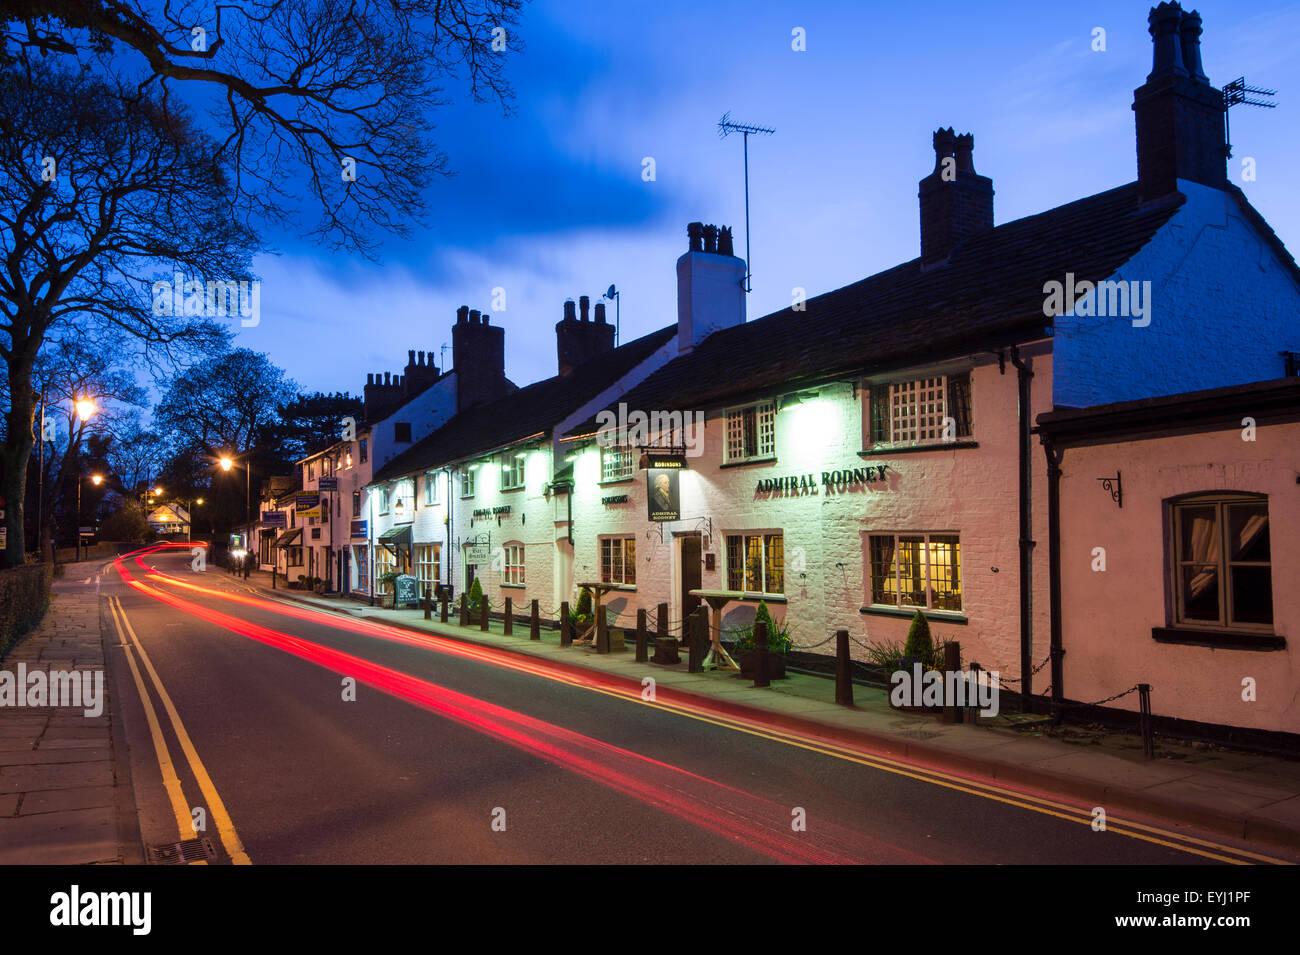 L'amiral Rodney en Prestbury Village, la nuit, près de Prestbury, Macclesfield, Cheshire. Banque D'Images